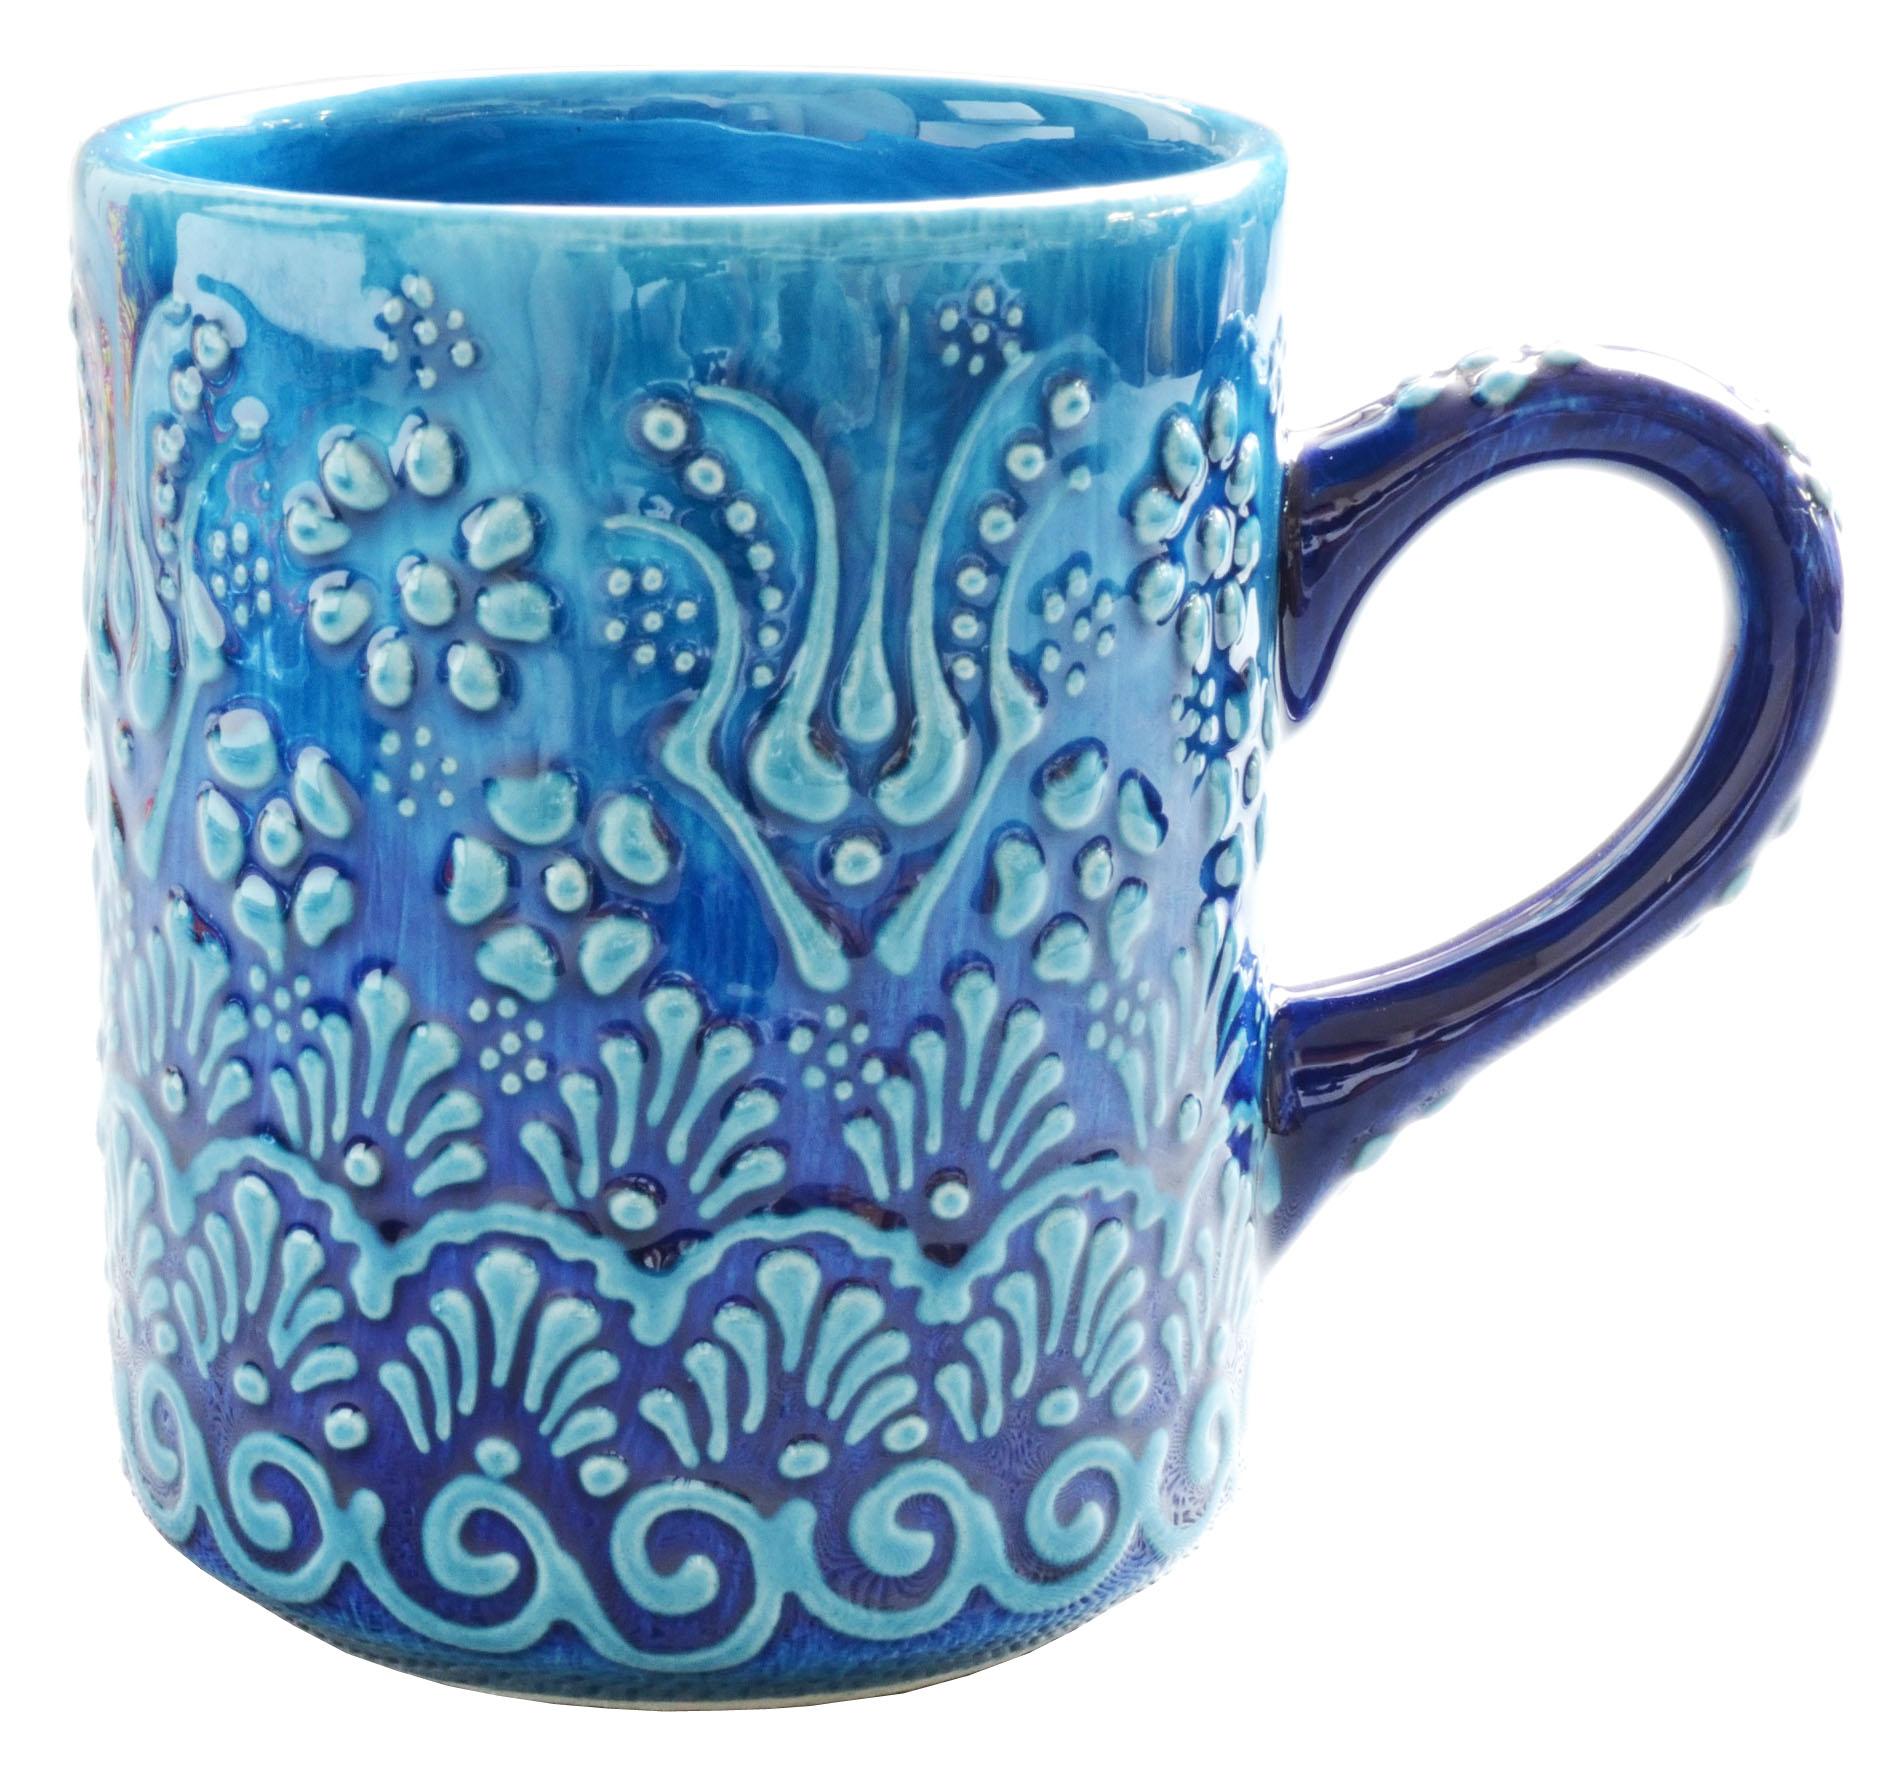 トルコ製陶器 マグカップ イスタンブールブルー <br>No.81530